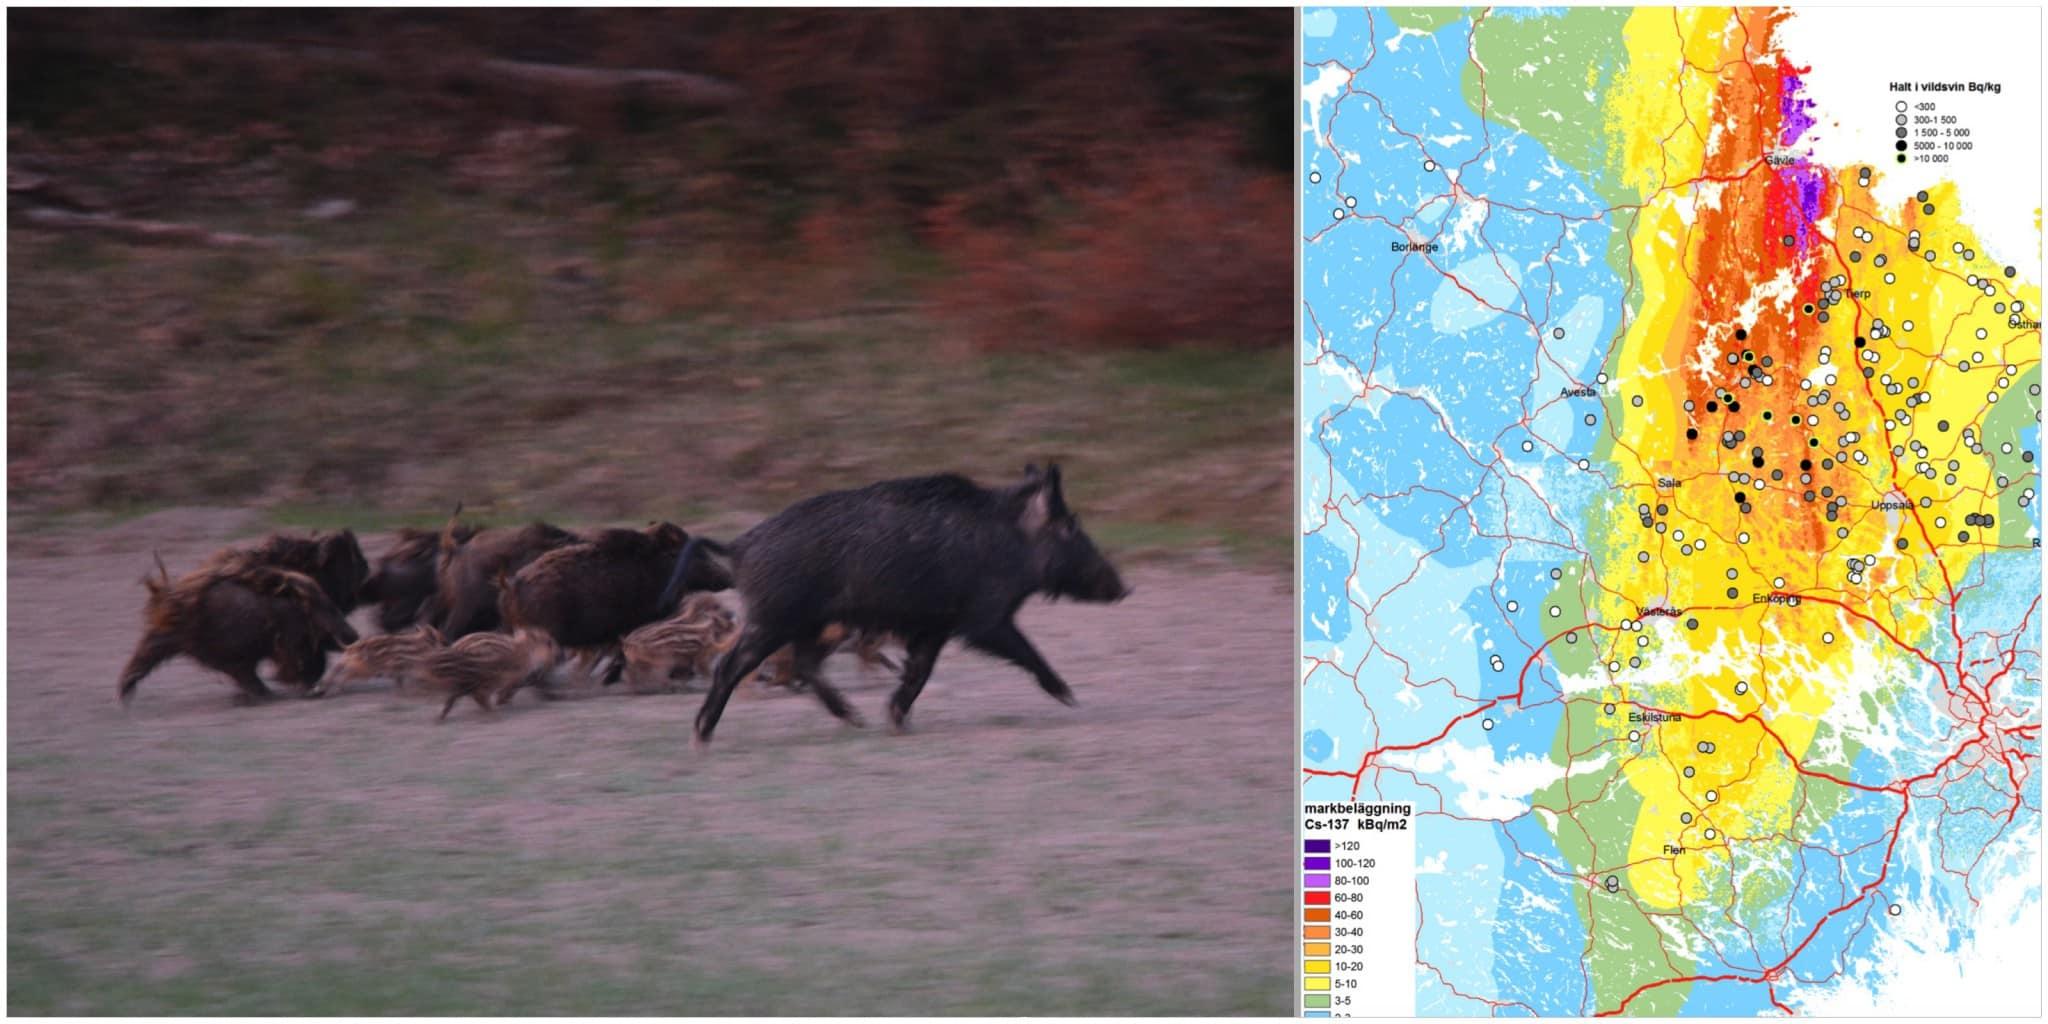 Analyser visar att ett flertal vildsvin överstiger, eller ligger mycket nära, den nivå där Livsmedelverkets kostråd avråder från att alls äta köttet.